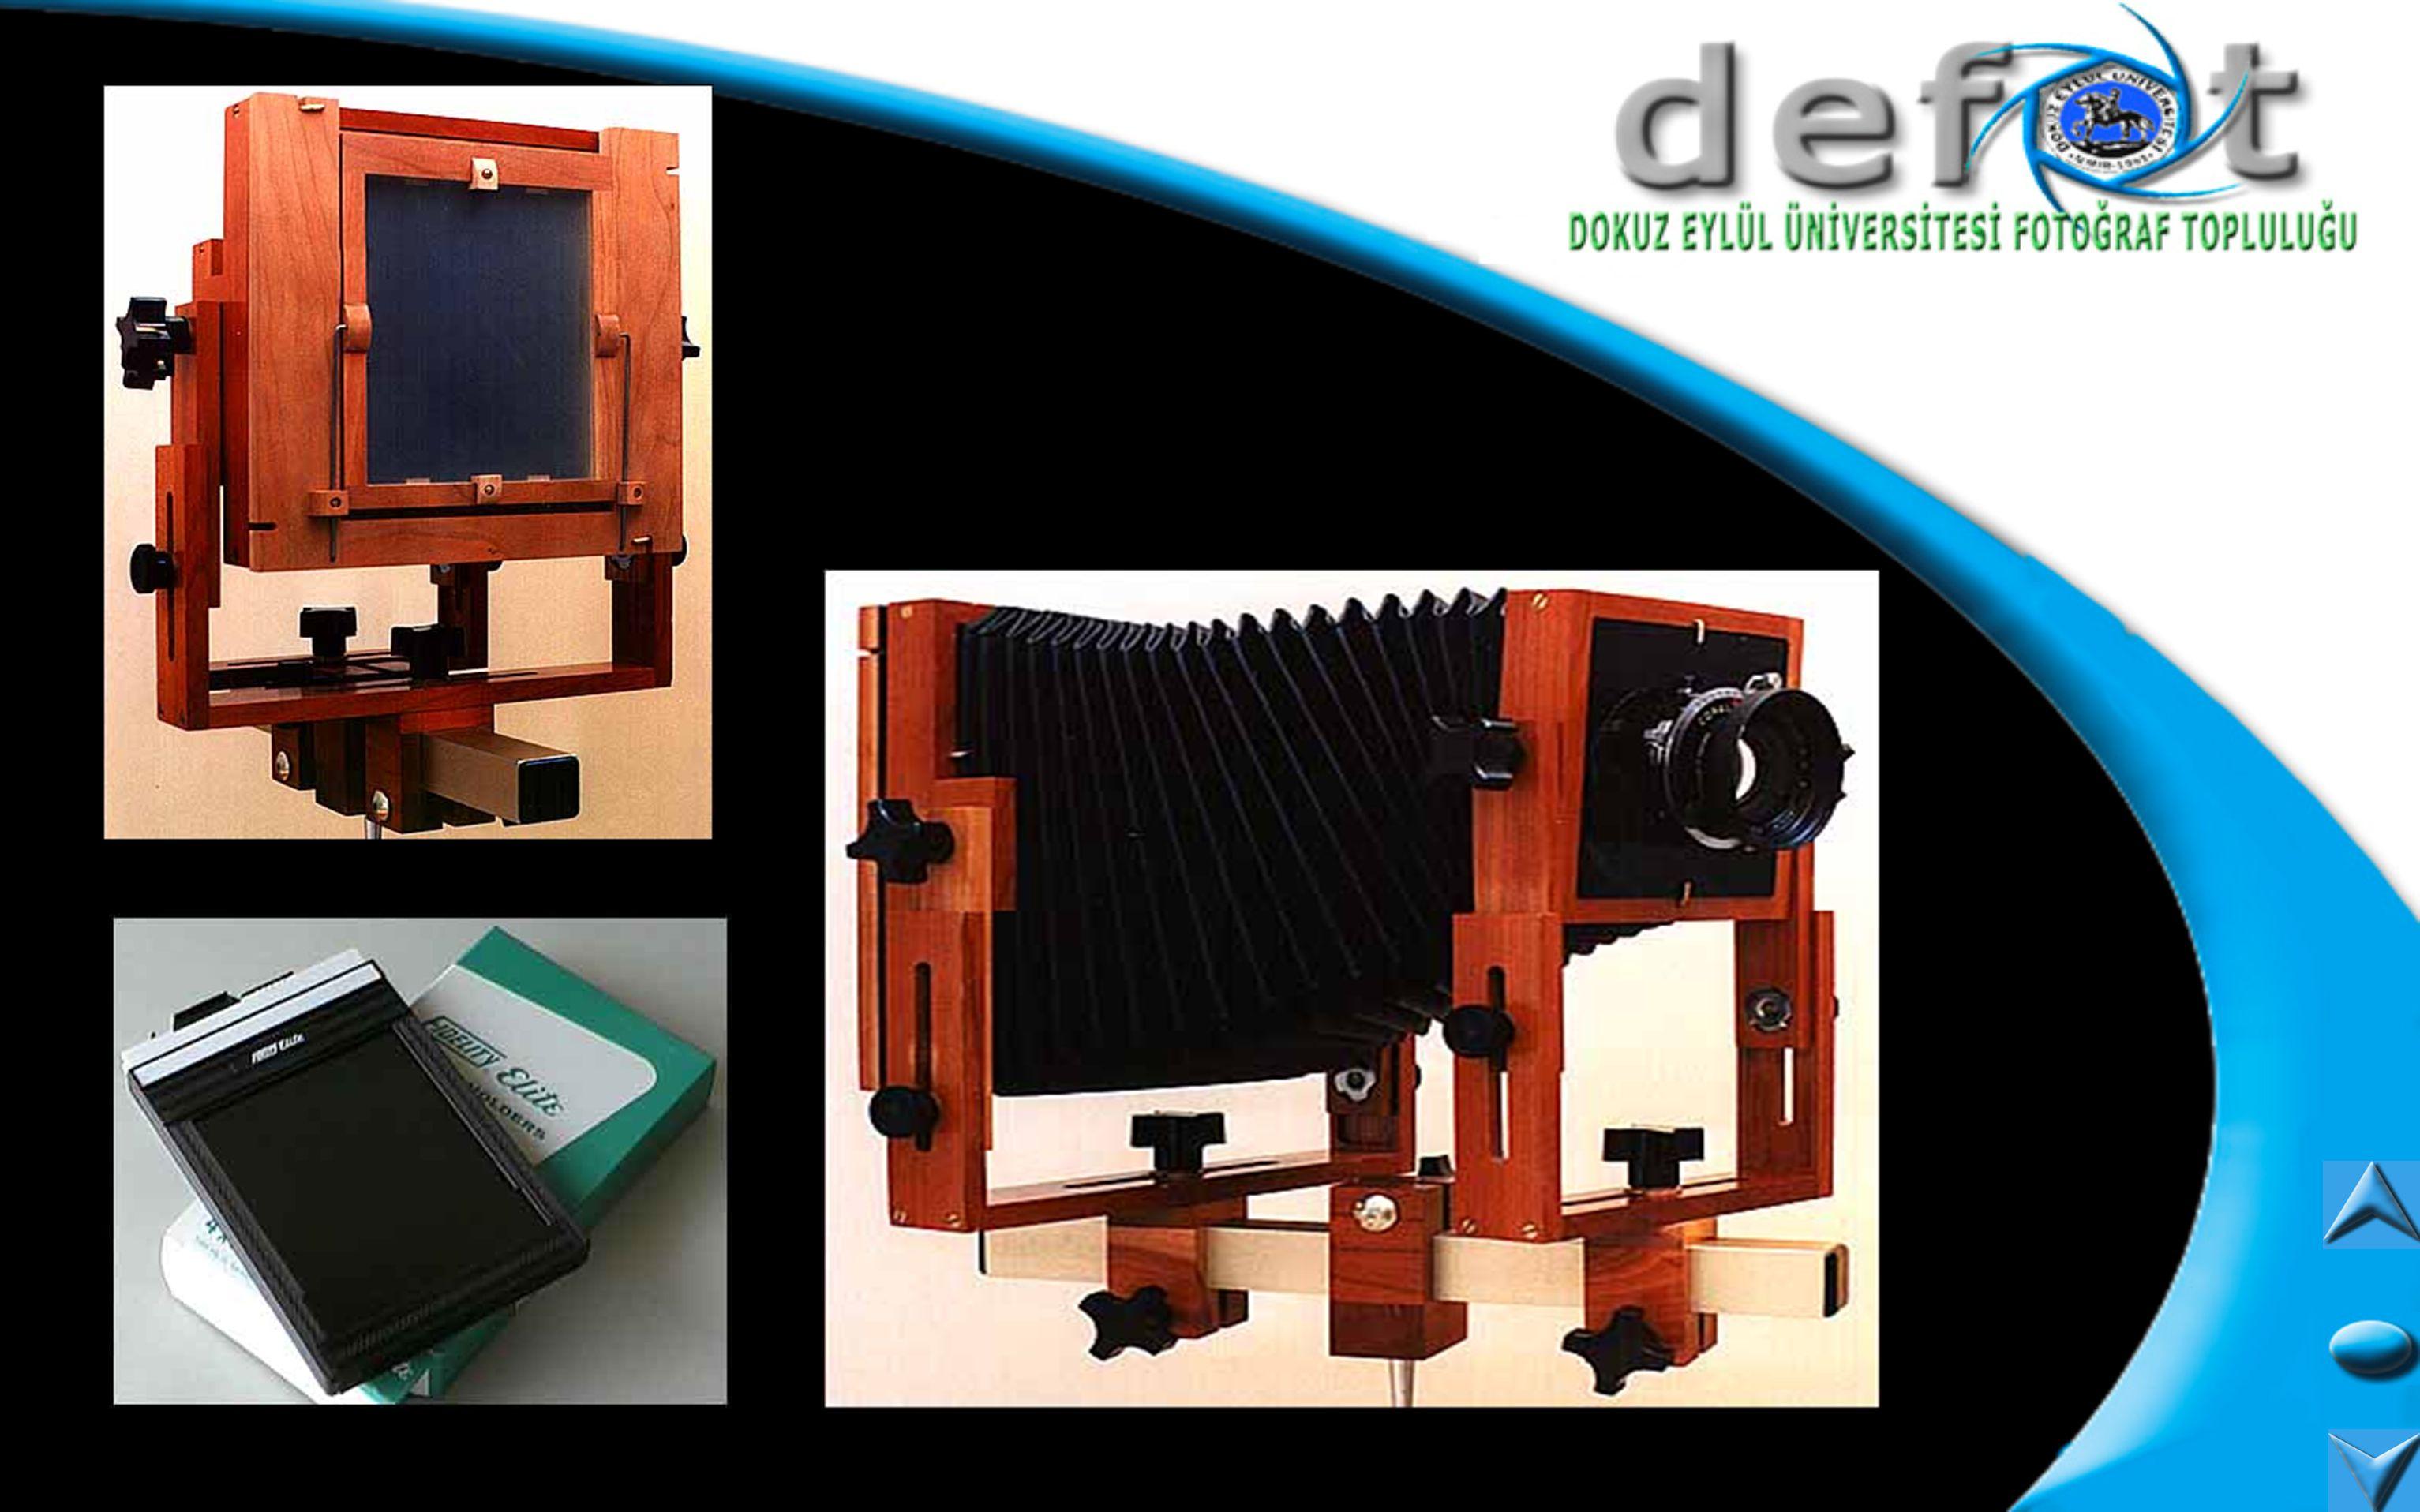 PERDE /ÖRTÜCÜ/ OBTURATÖR / ENSTANTANE Film düzlemi üzerine düşecek ışığın süresini yani poz süresini denetleyerek filmin önünü kapatan sistemdir.